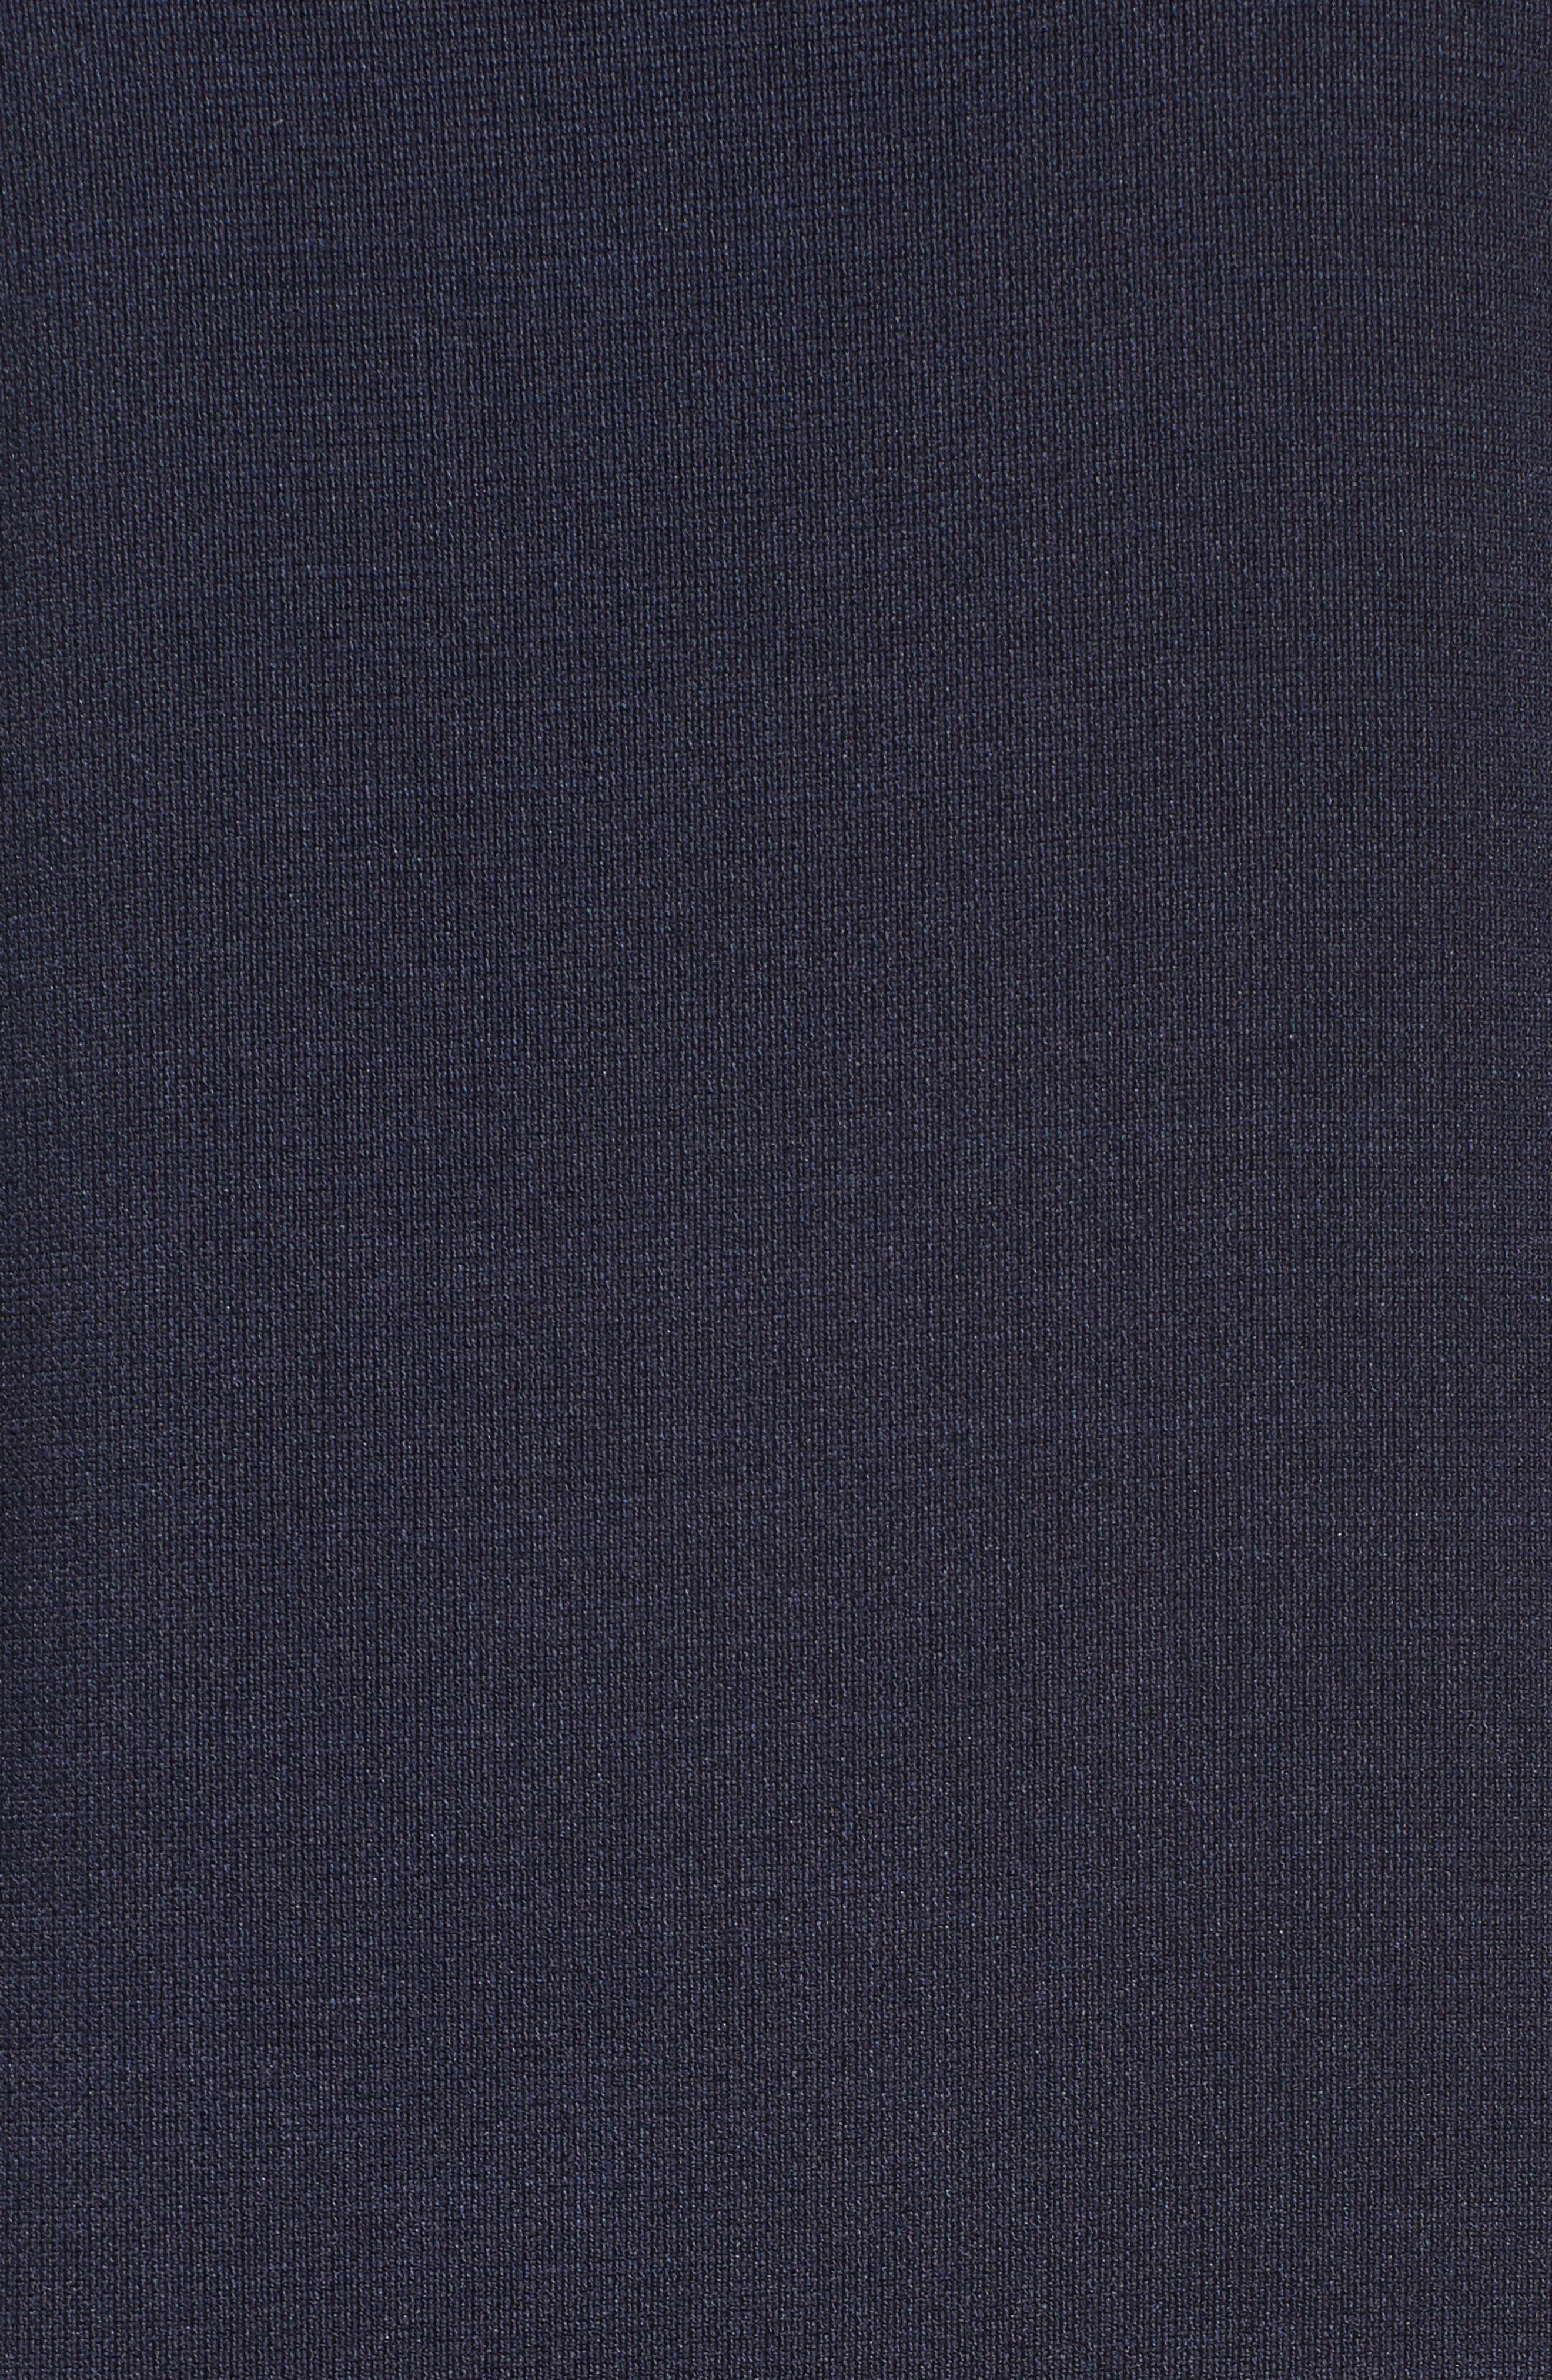 Lace Appliqué Crepe Cold Shoulder Dress,                             Alternate thumbnail 7, color,                             410